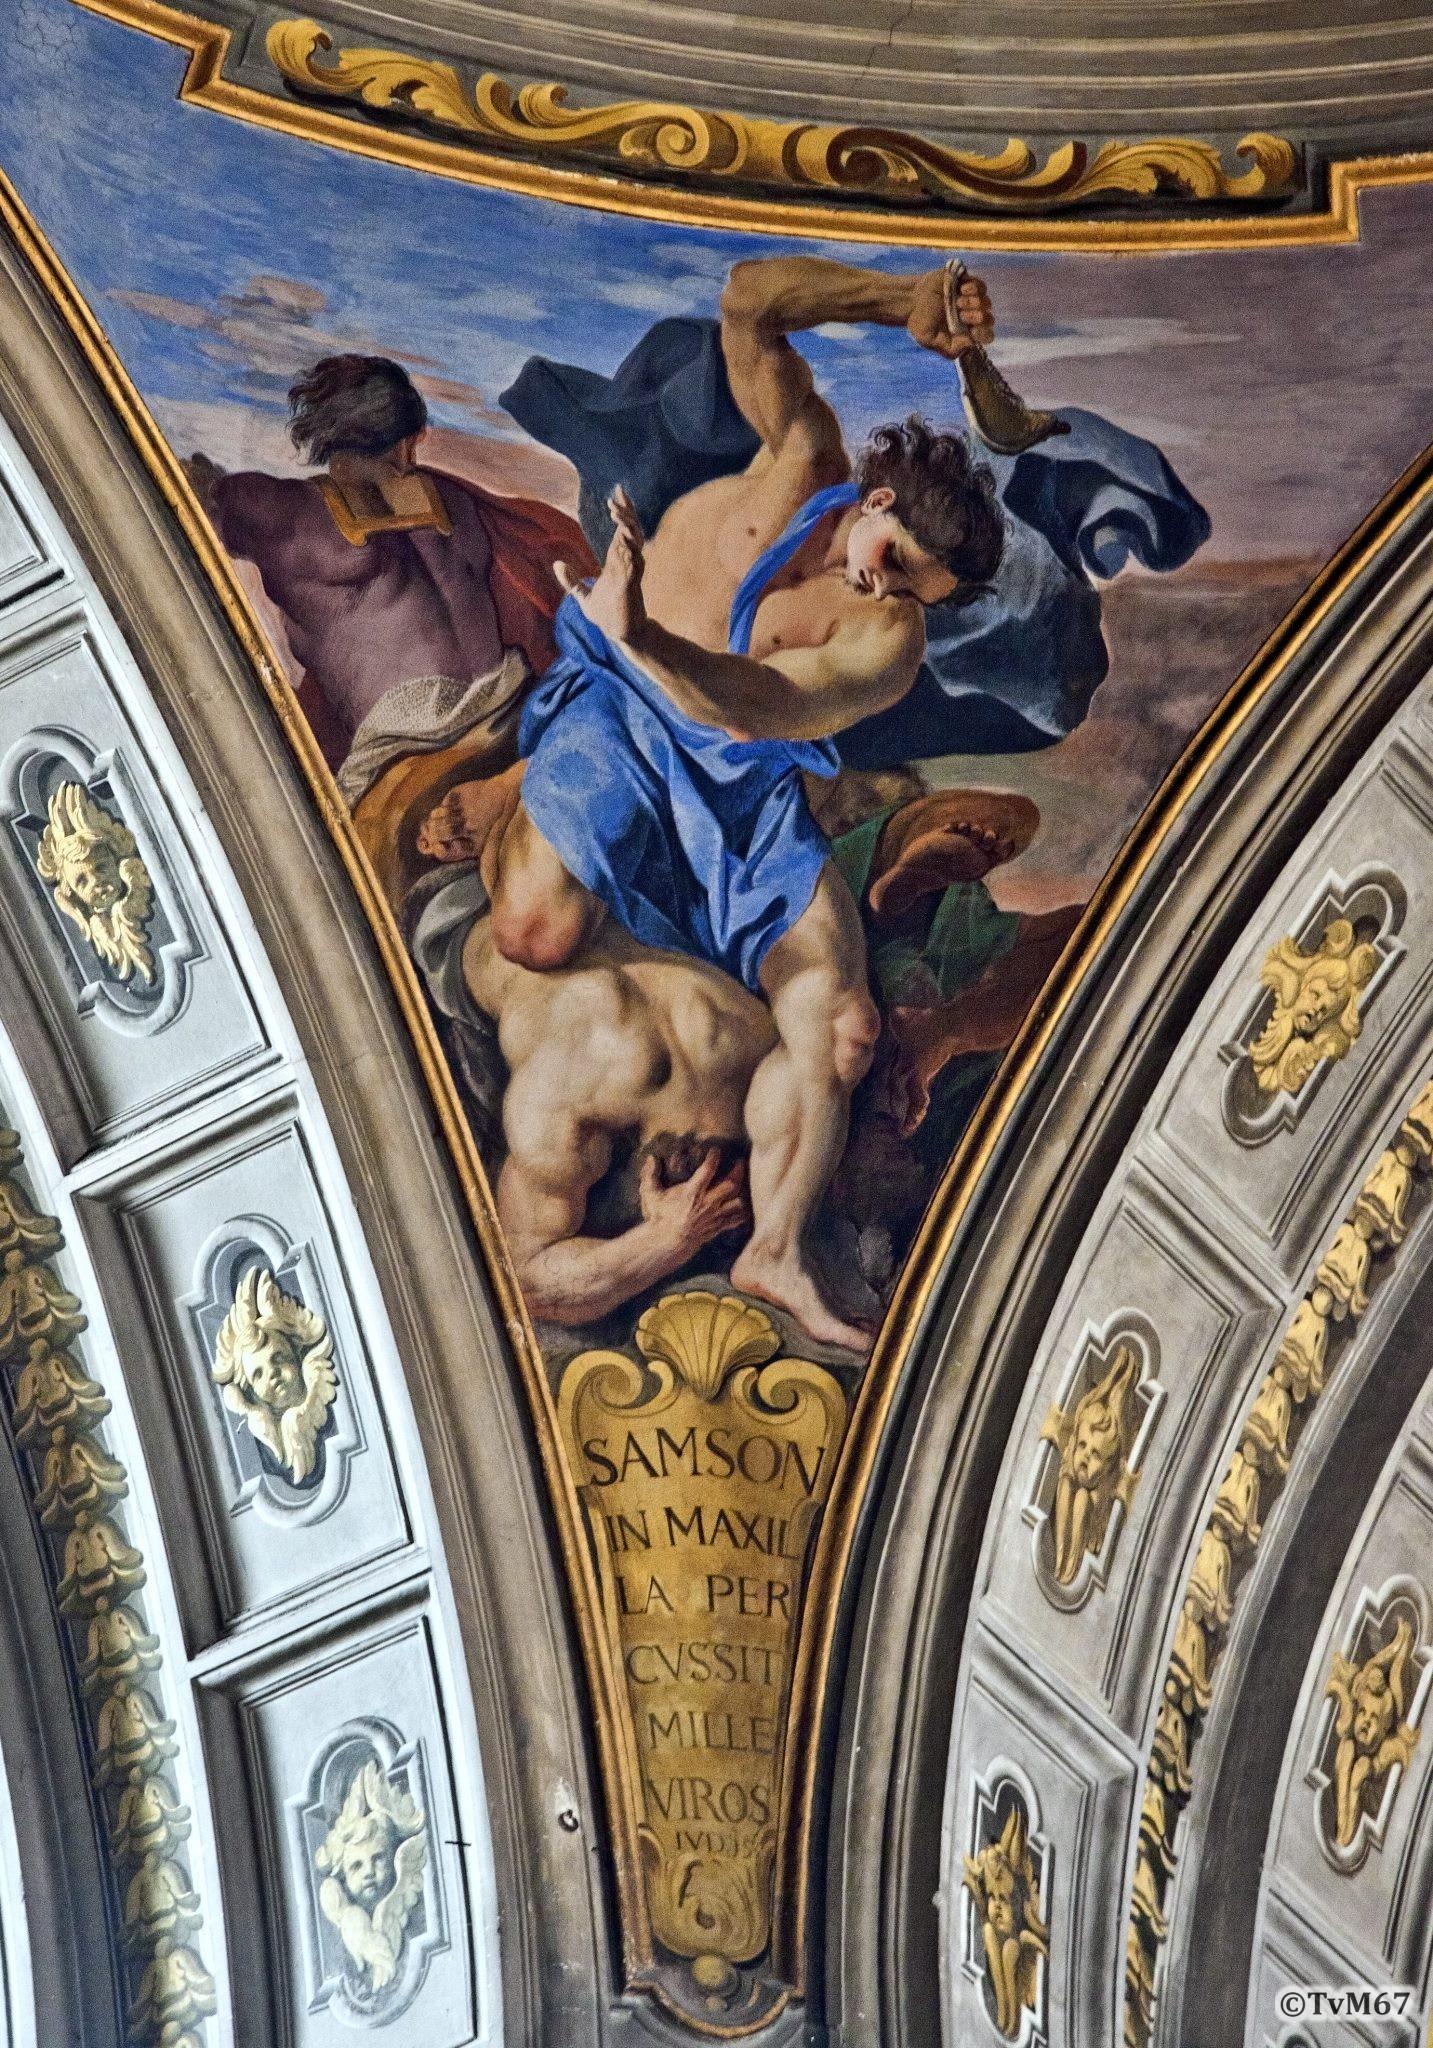 Roma, Chiesa di Sant'Ignazio, Koepel, Pendentief, Pozzo, Samson